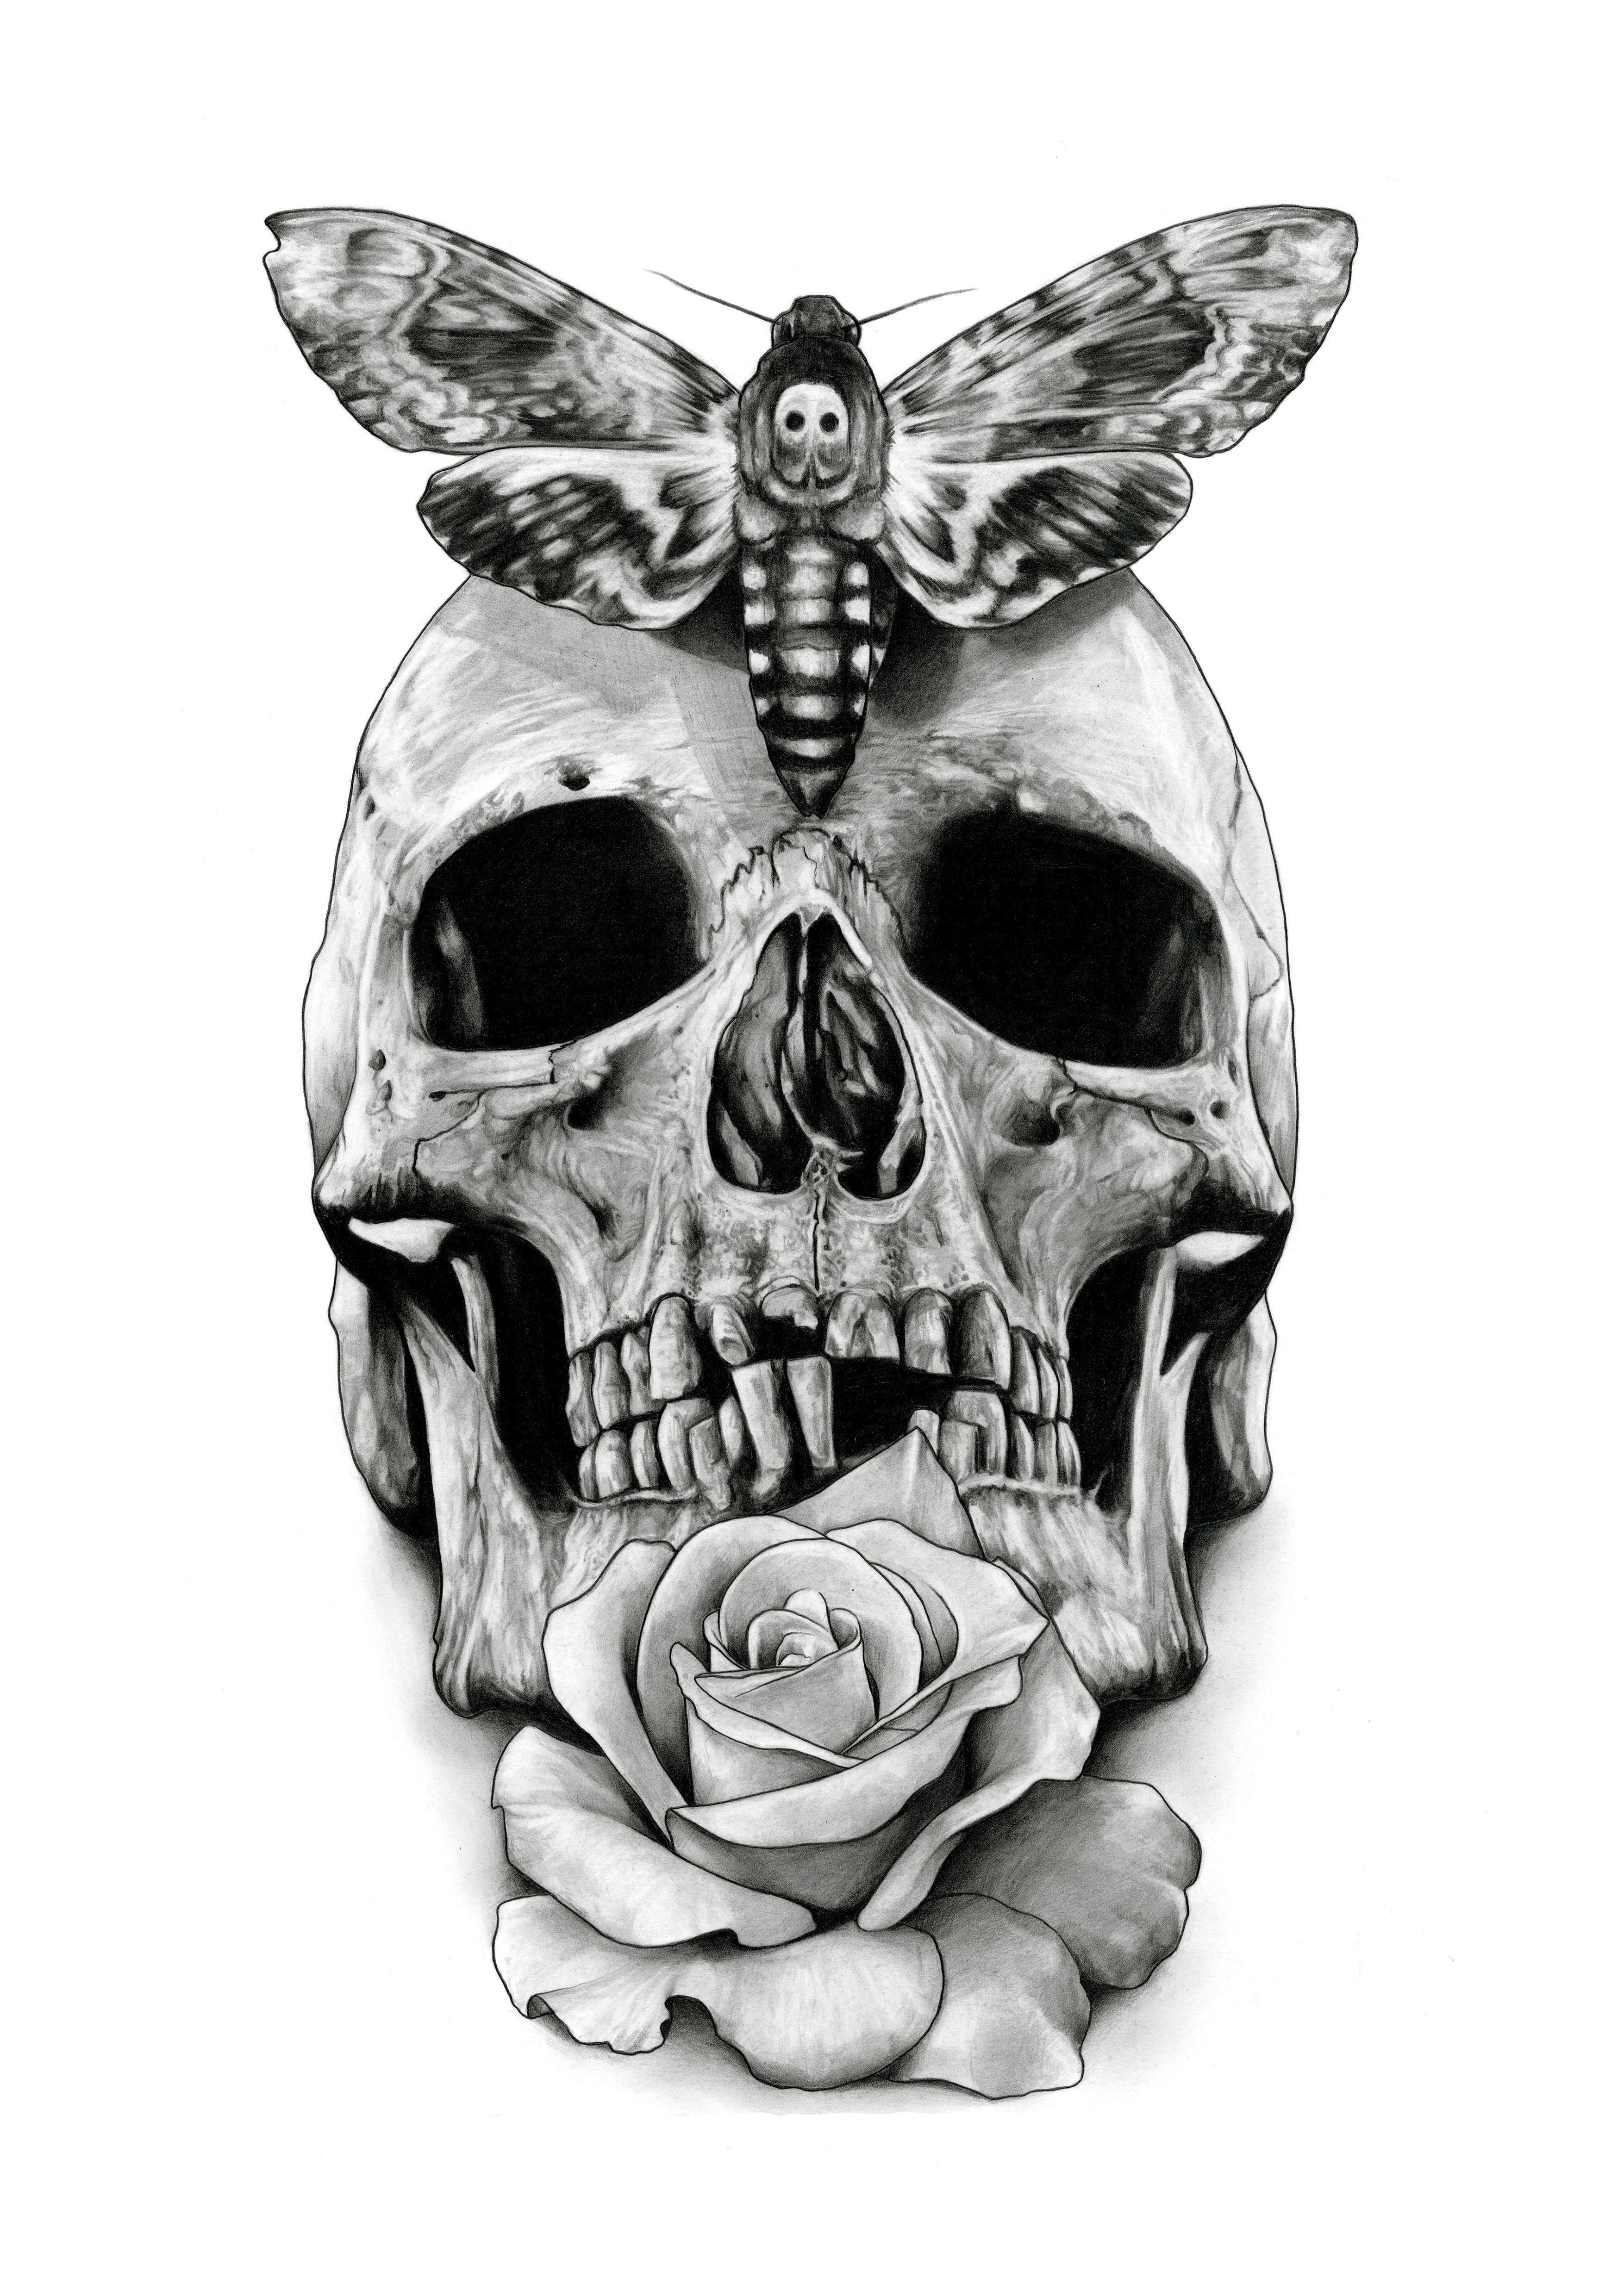 d46942081dde9 Skull Tattoo design drawing by AaronKingIllustrator on DeviantArt